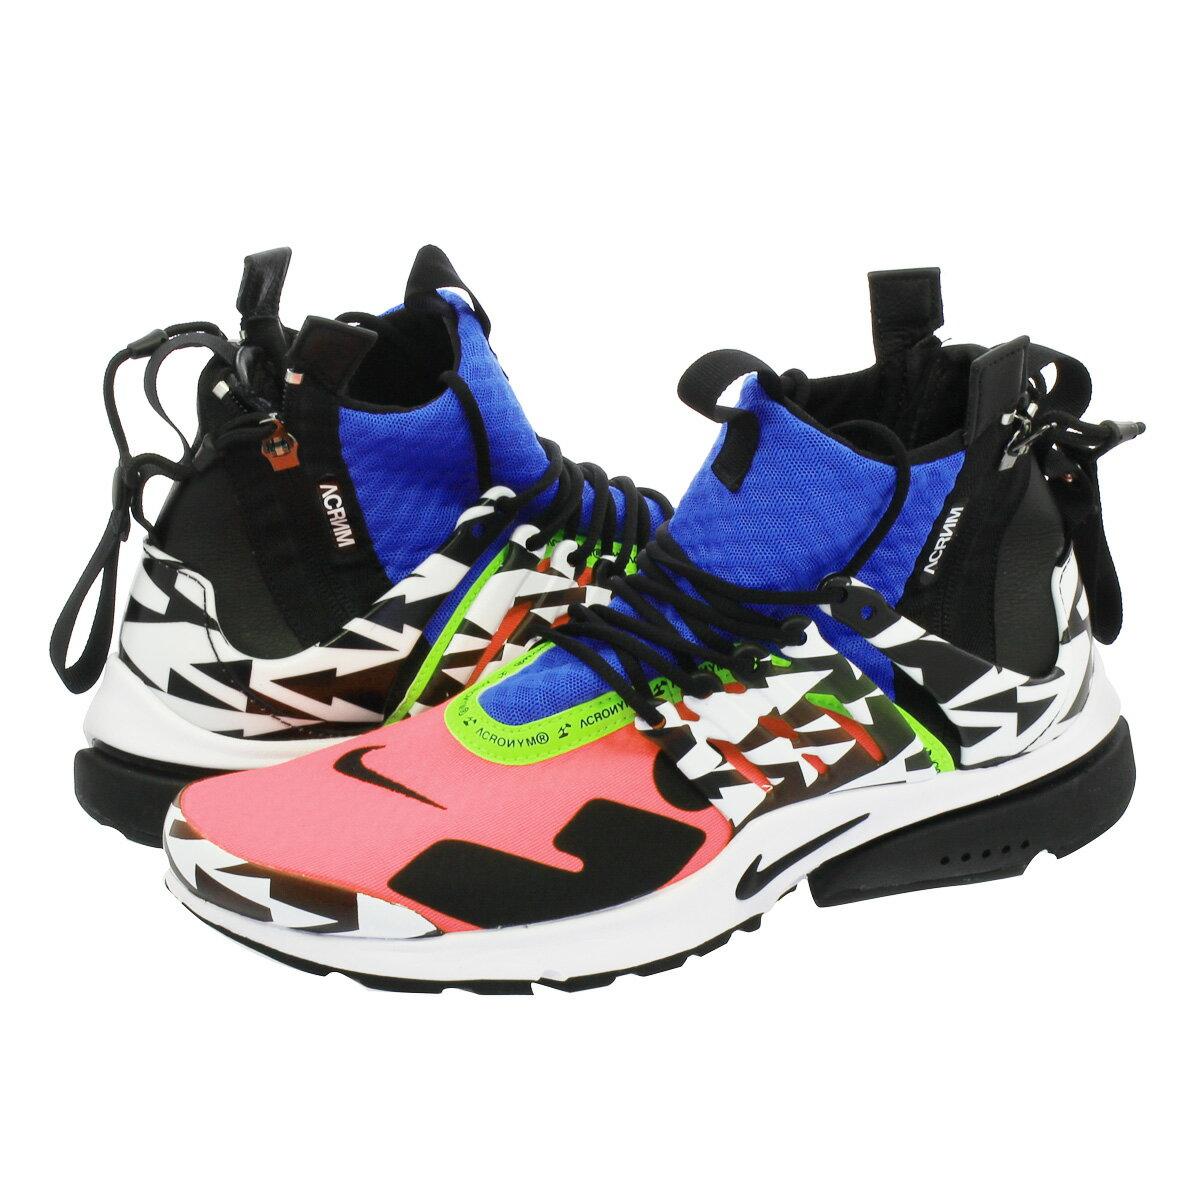 メンズ靴, スニーカー NIKE ACRONYM AIR PRESTO MID RACER PINKBLACKPHOTO BLUEWHITE ah7832-600